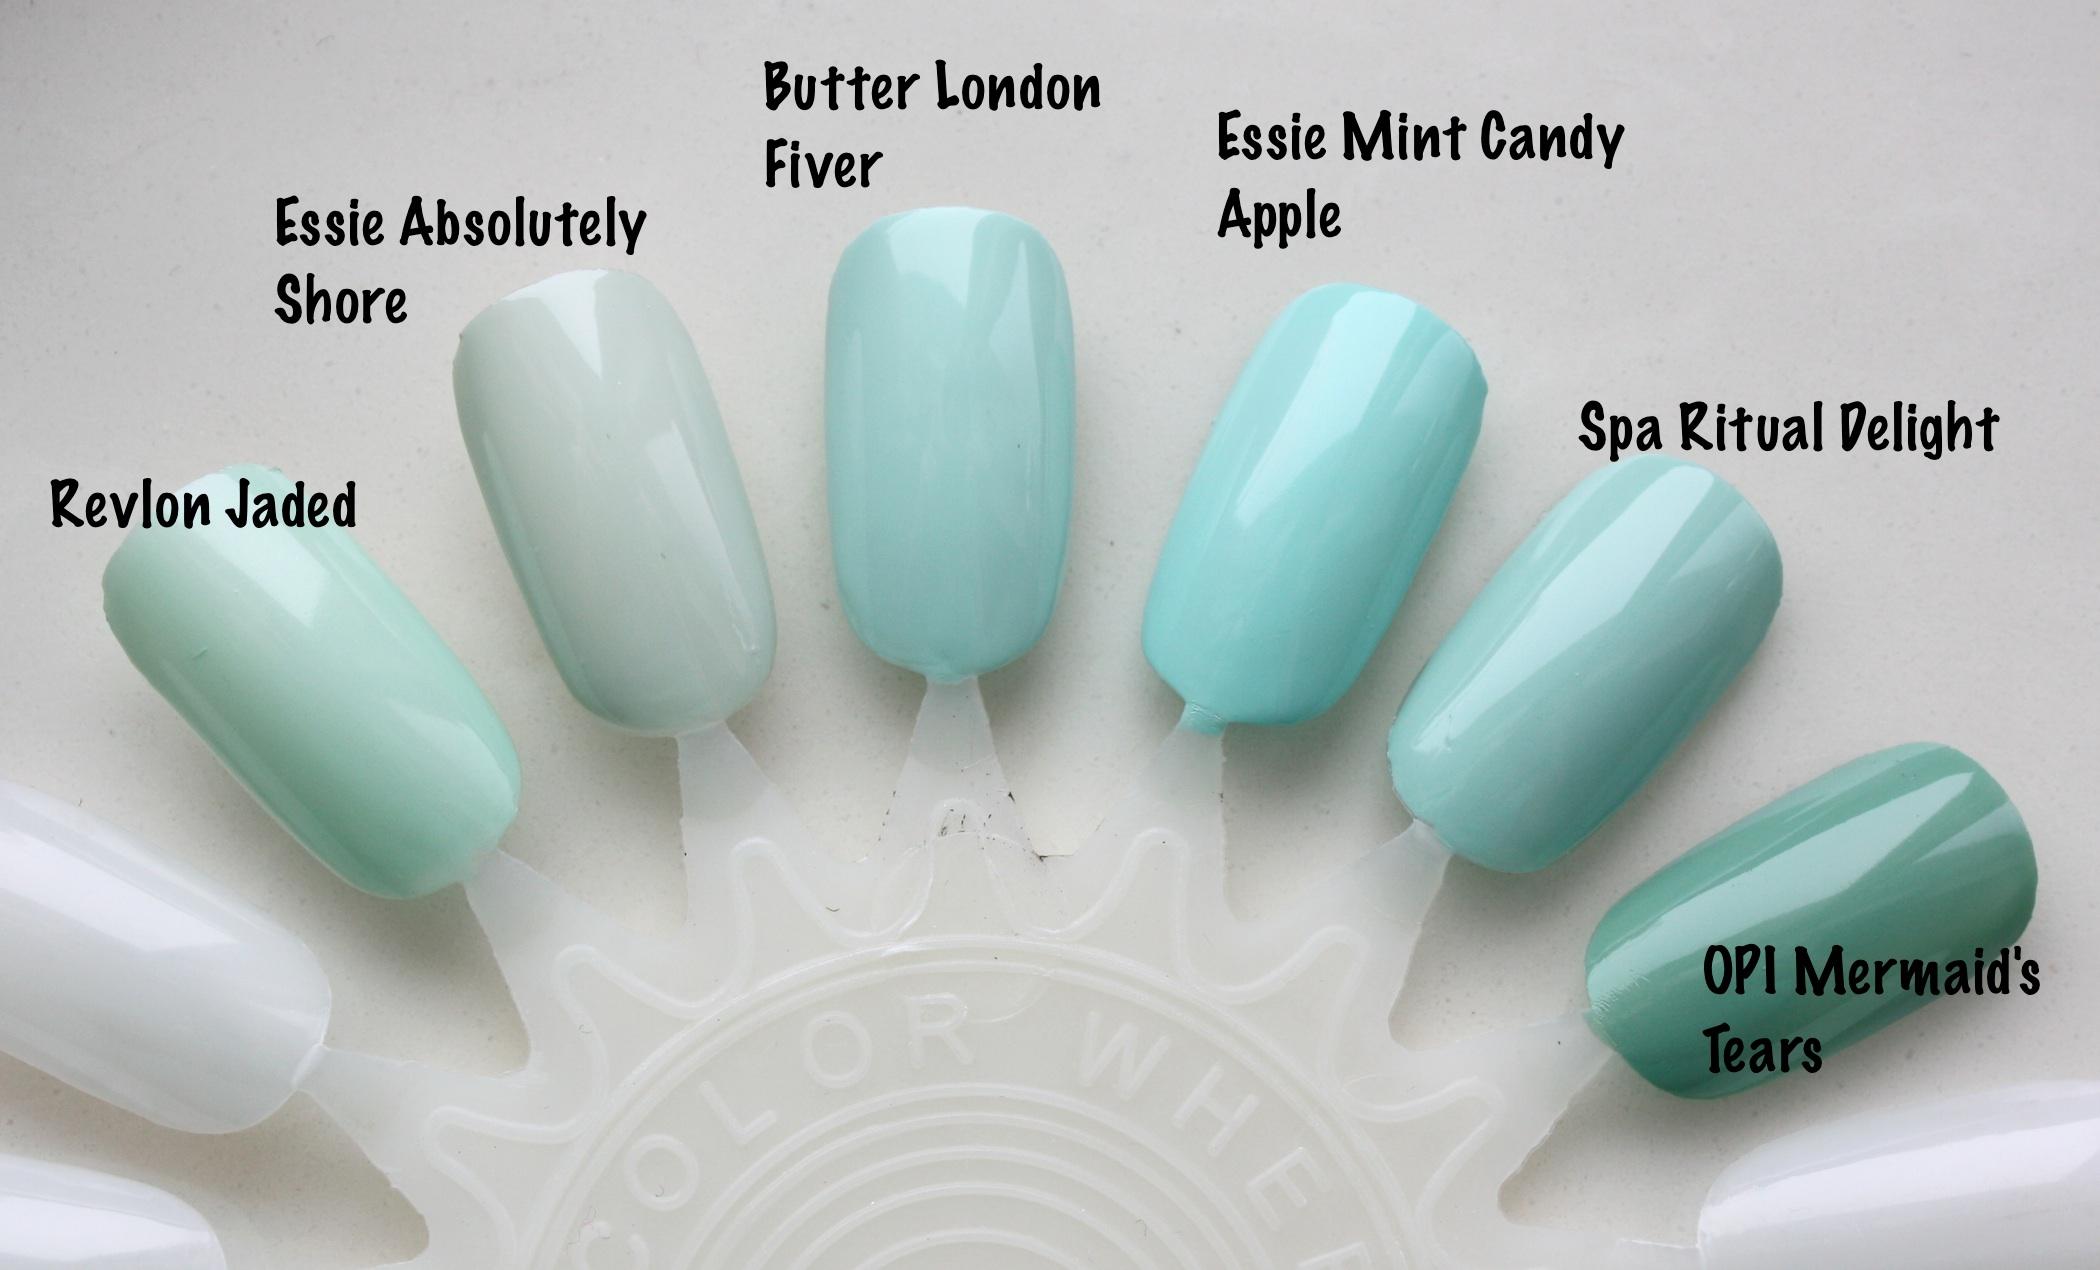 Butter London Fiver Comparisons! – horrendous color